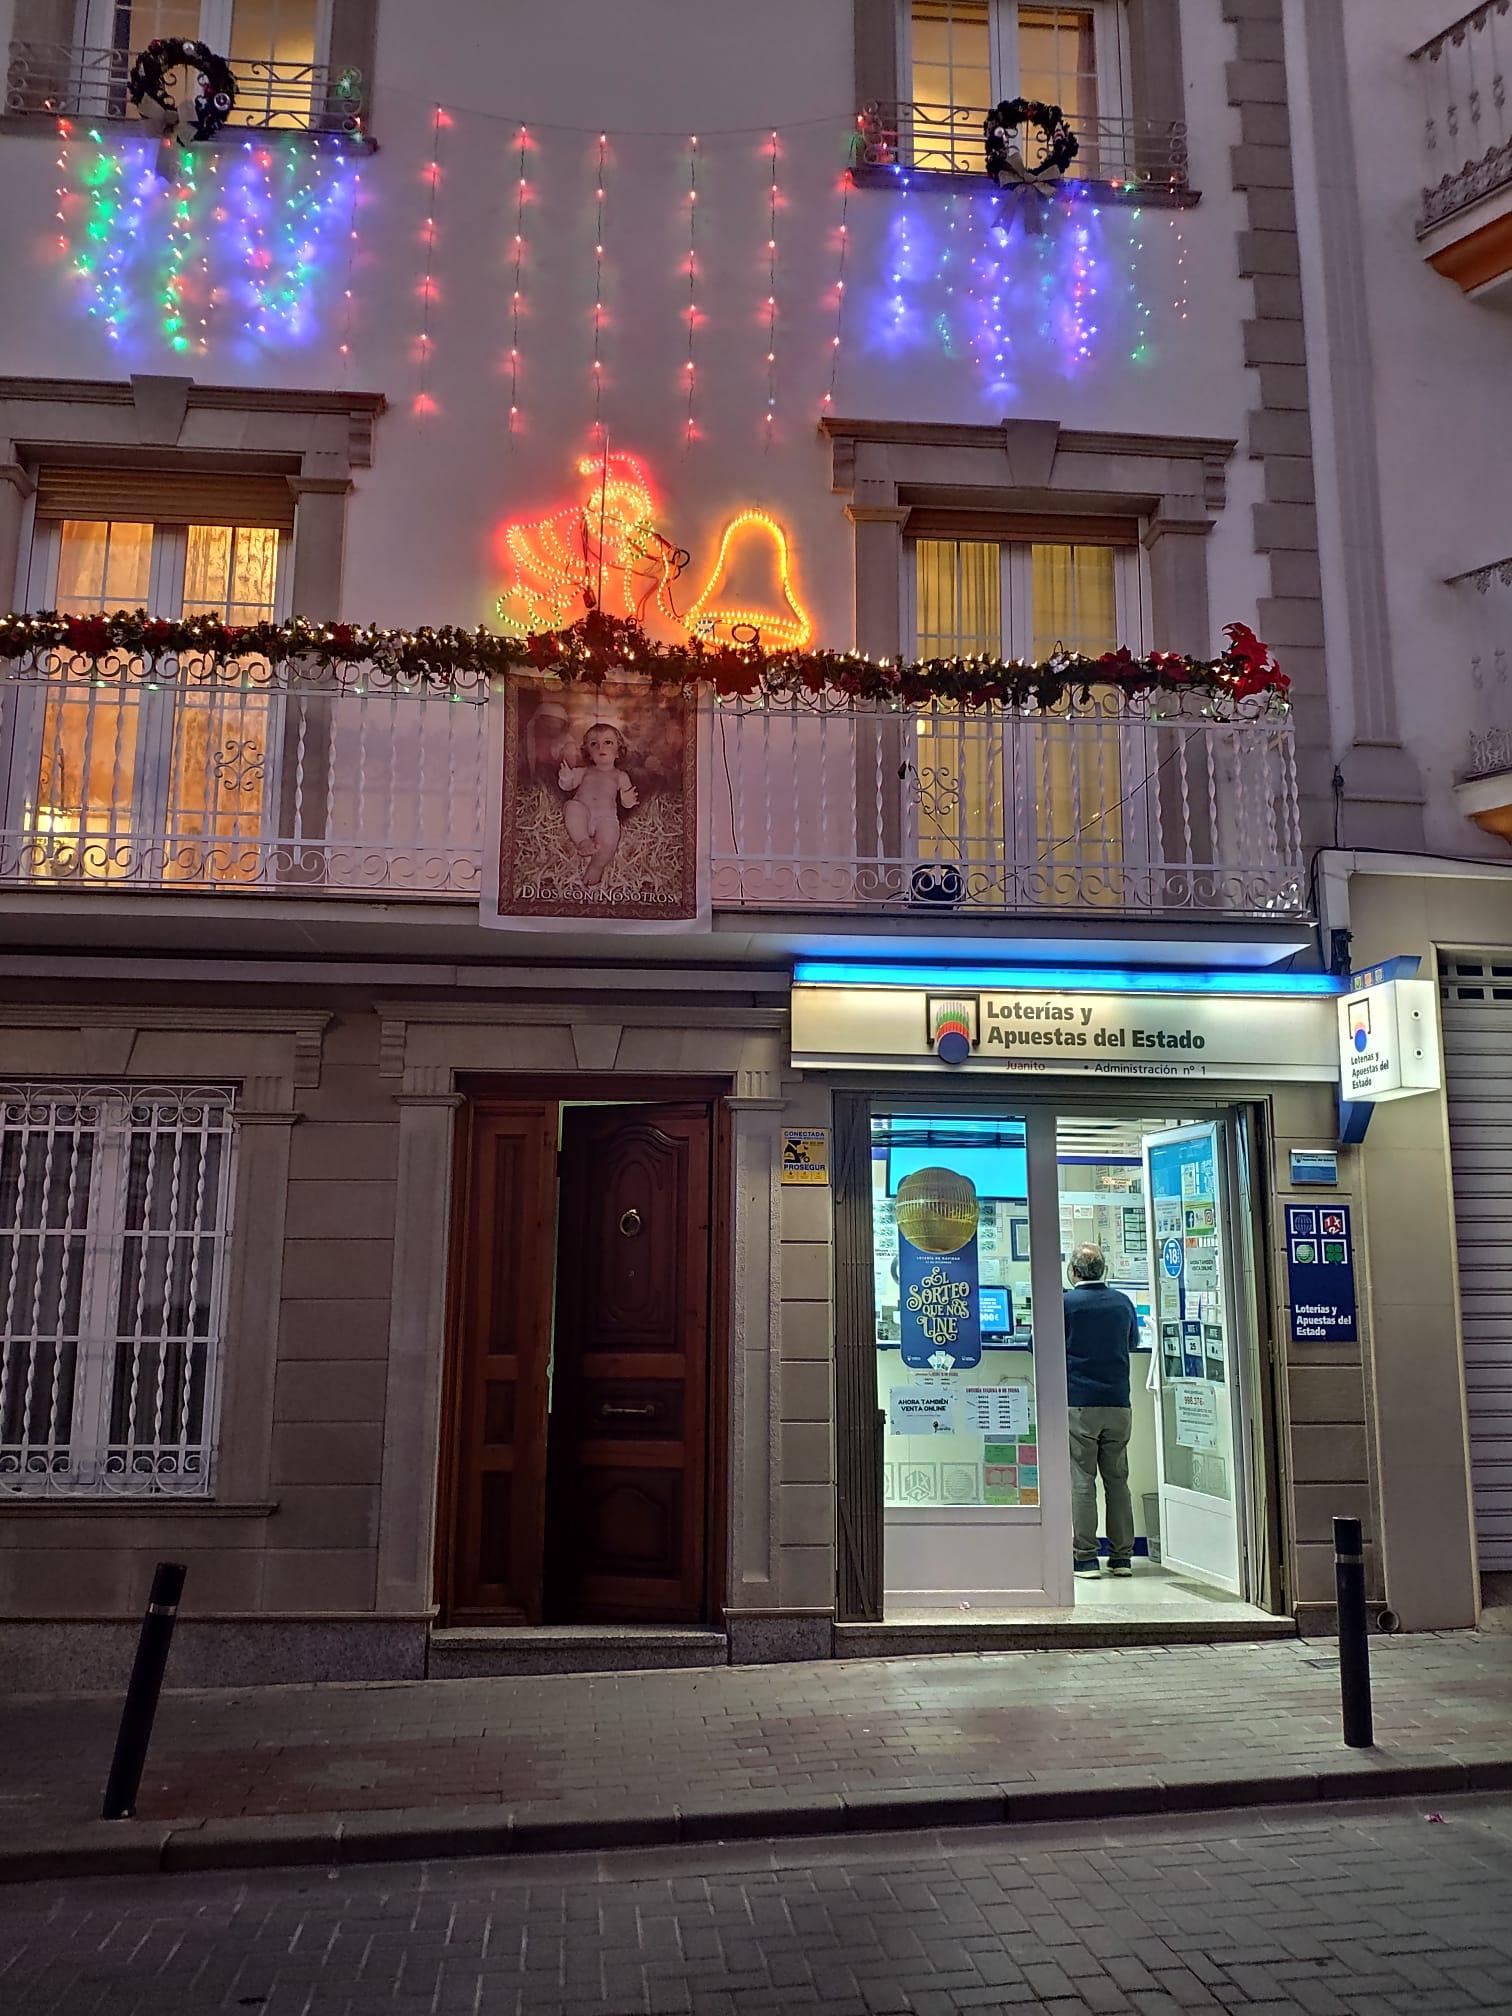 Lotería Juanito de Huelma Jaén en navidad 2019